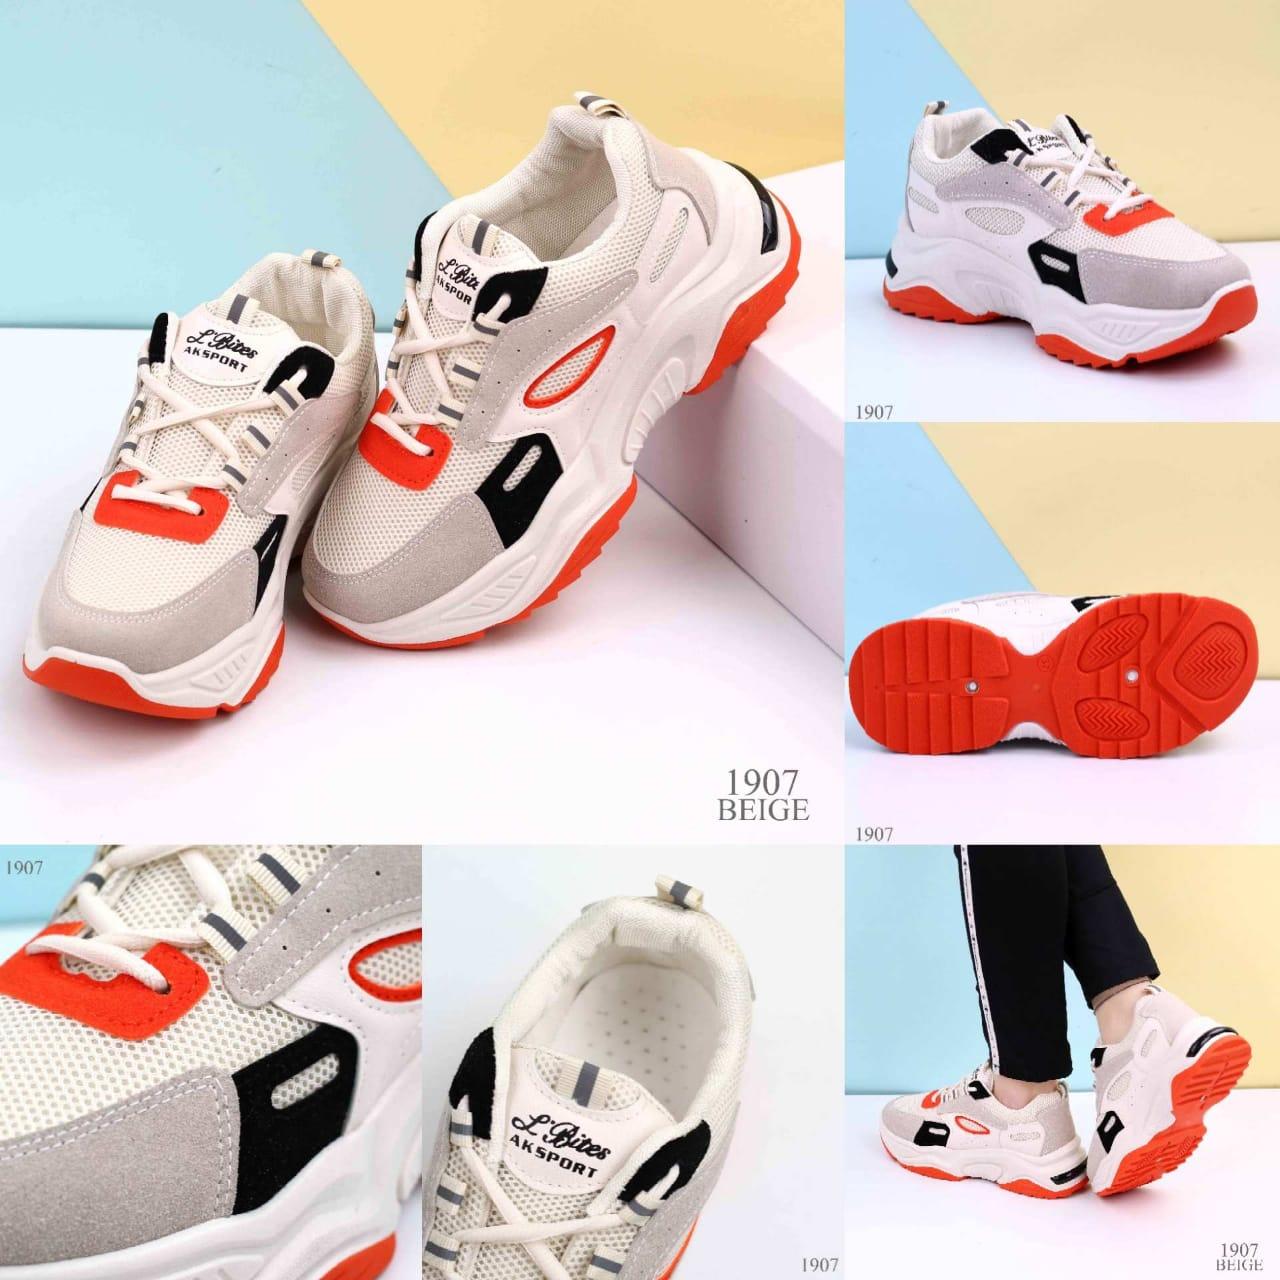 jual sepatu wanita murah 2020 1907PN sepatu wanita terbaru di batam,sepatu wanita import terbaru,sepatu wanita import batam